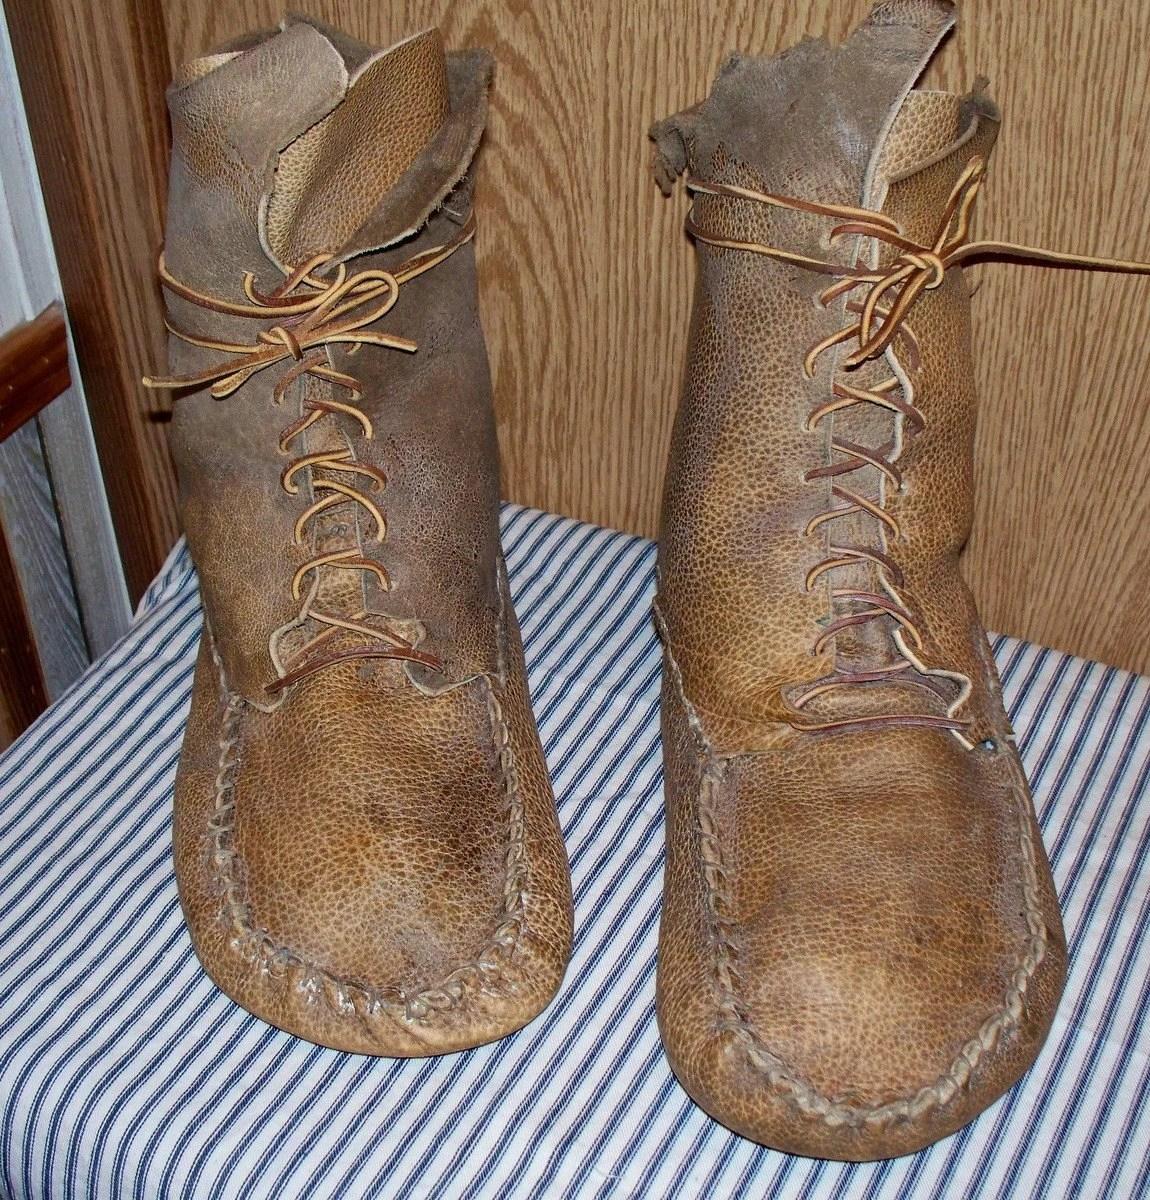 Mountain Boot Moccasins Patterns Man